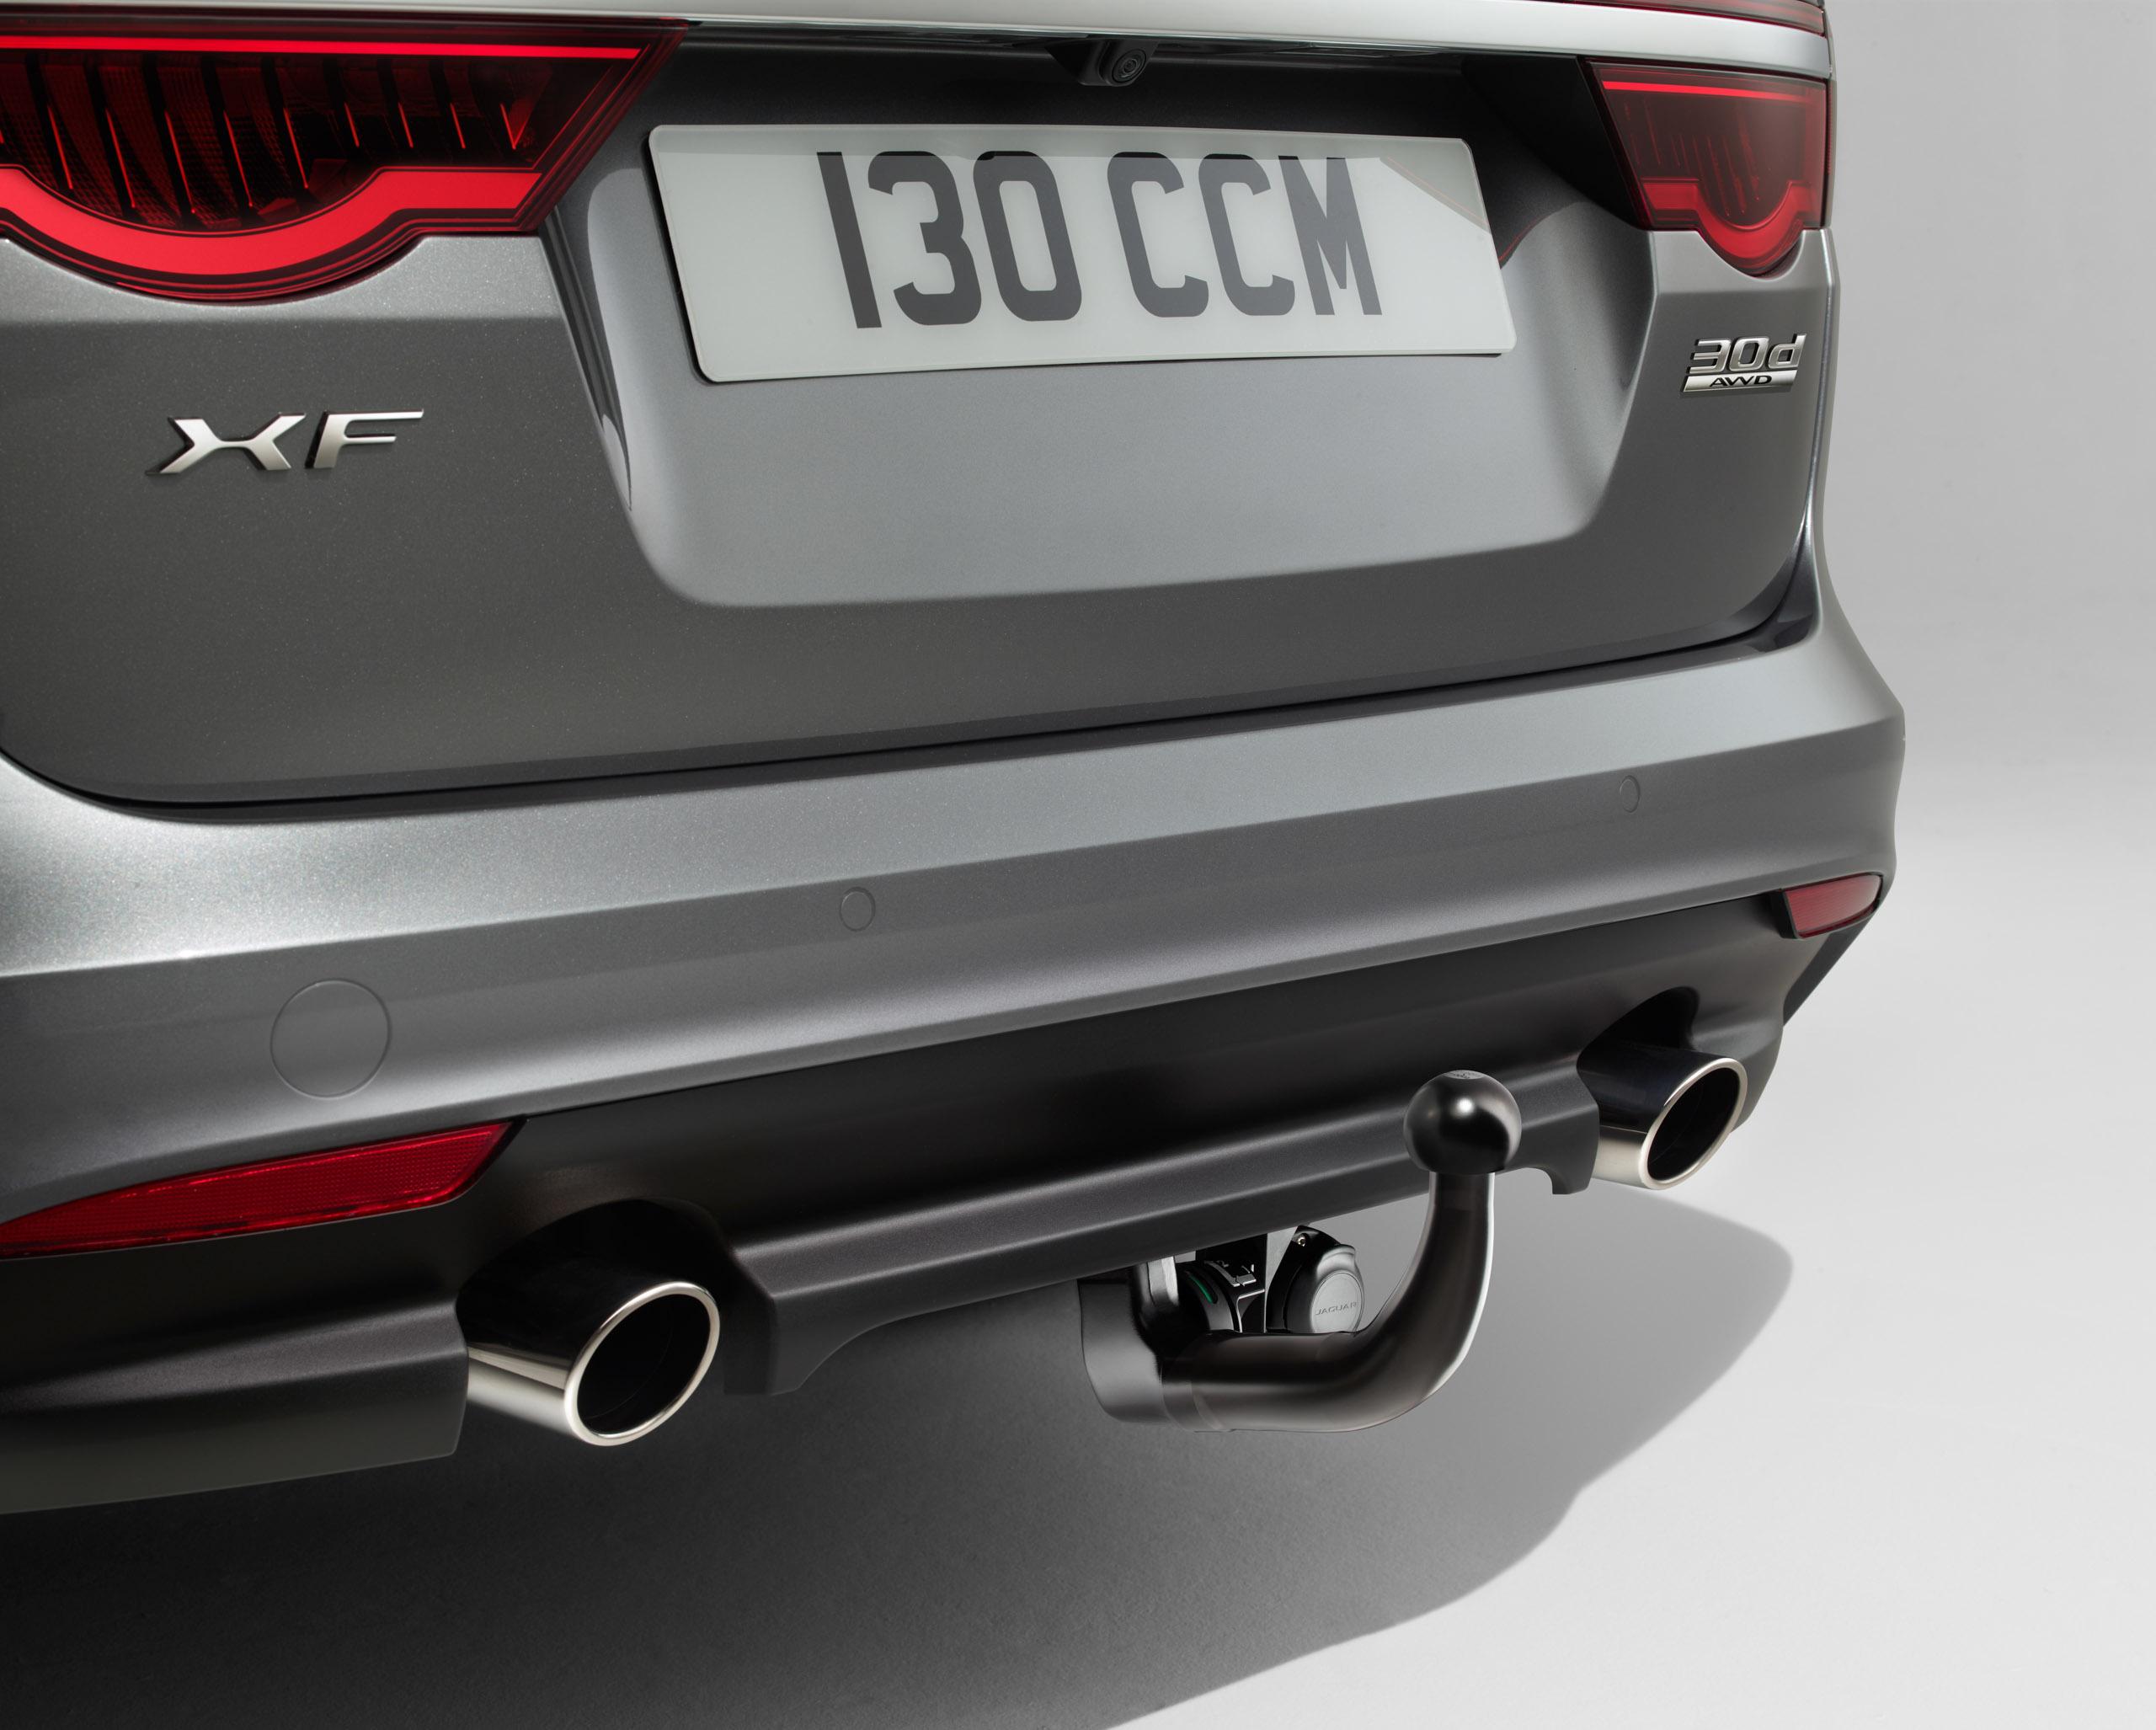 Jaguar Xf Accessories >> Jaguar XF Sportbrake debuts with new engines, tech Paul Tan - Image 672761